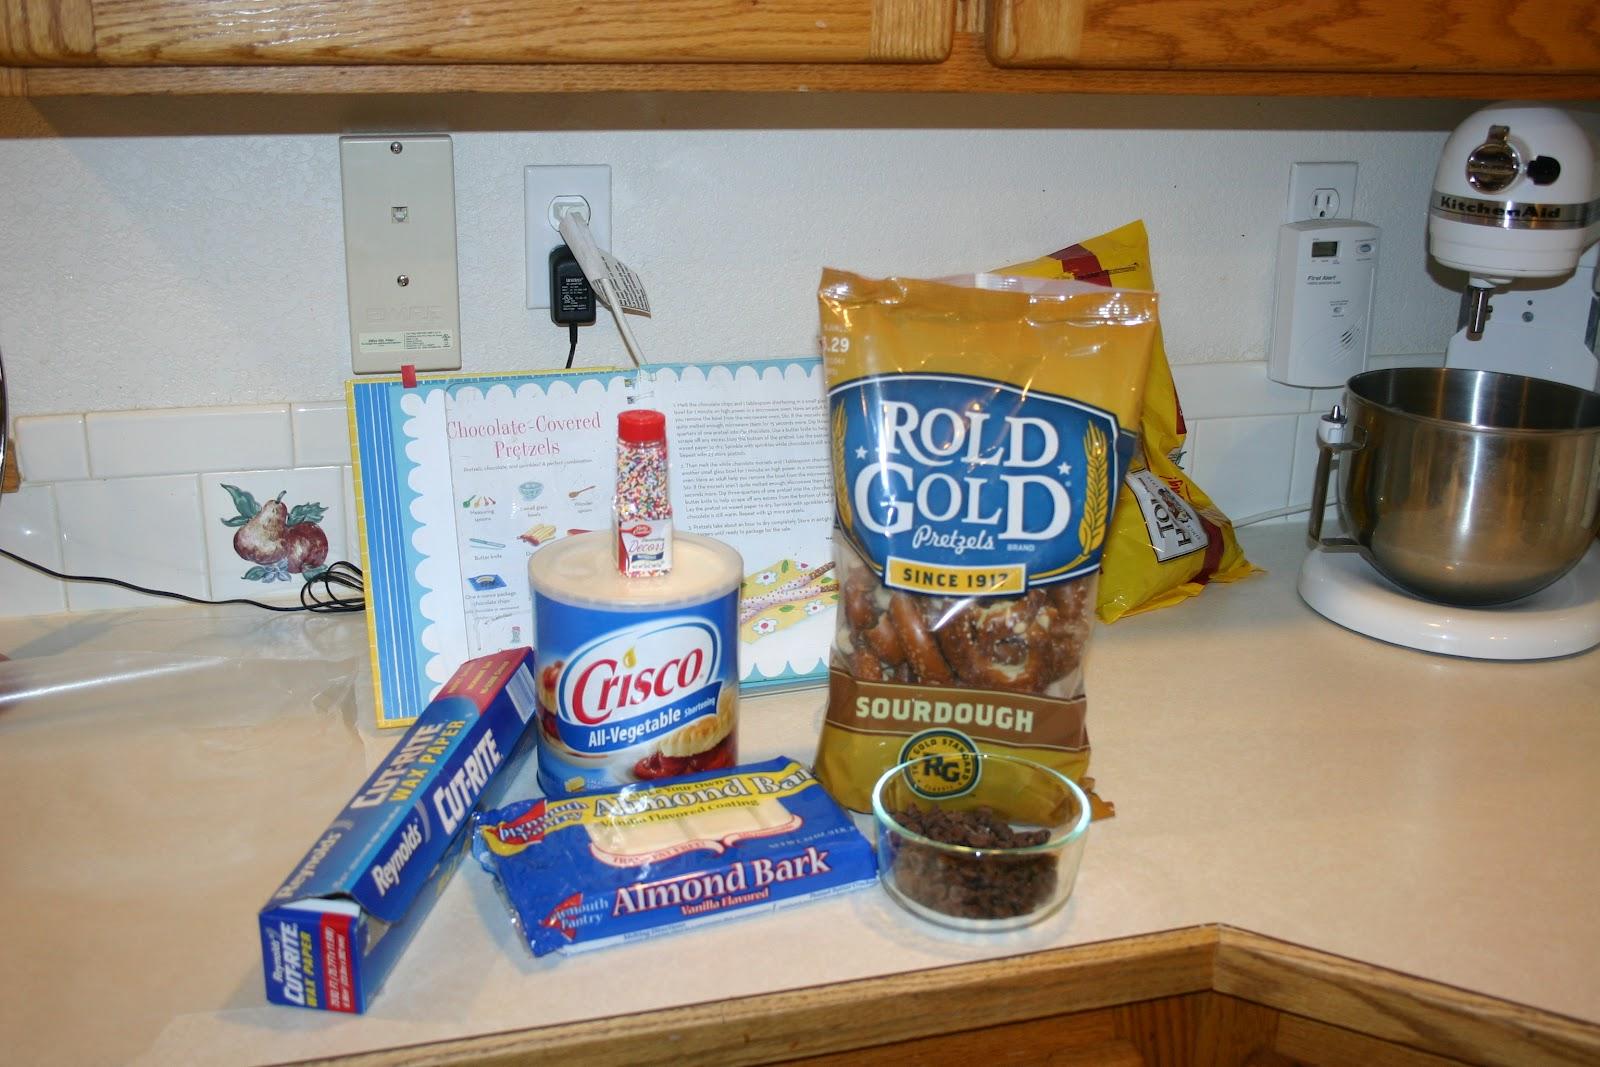 Paula Deen Chocolate Covered Pretzels